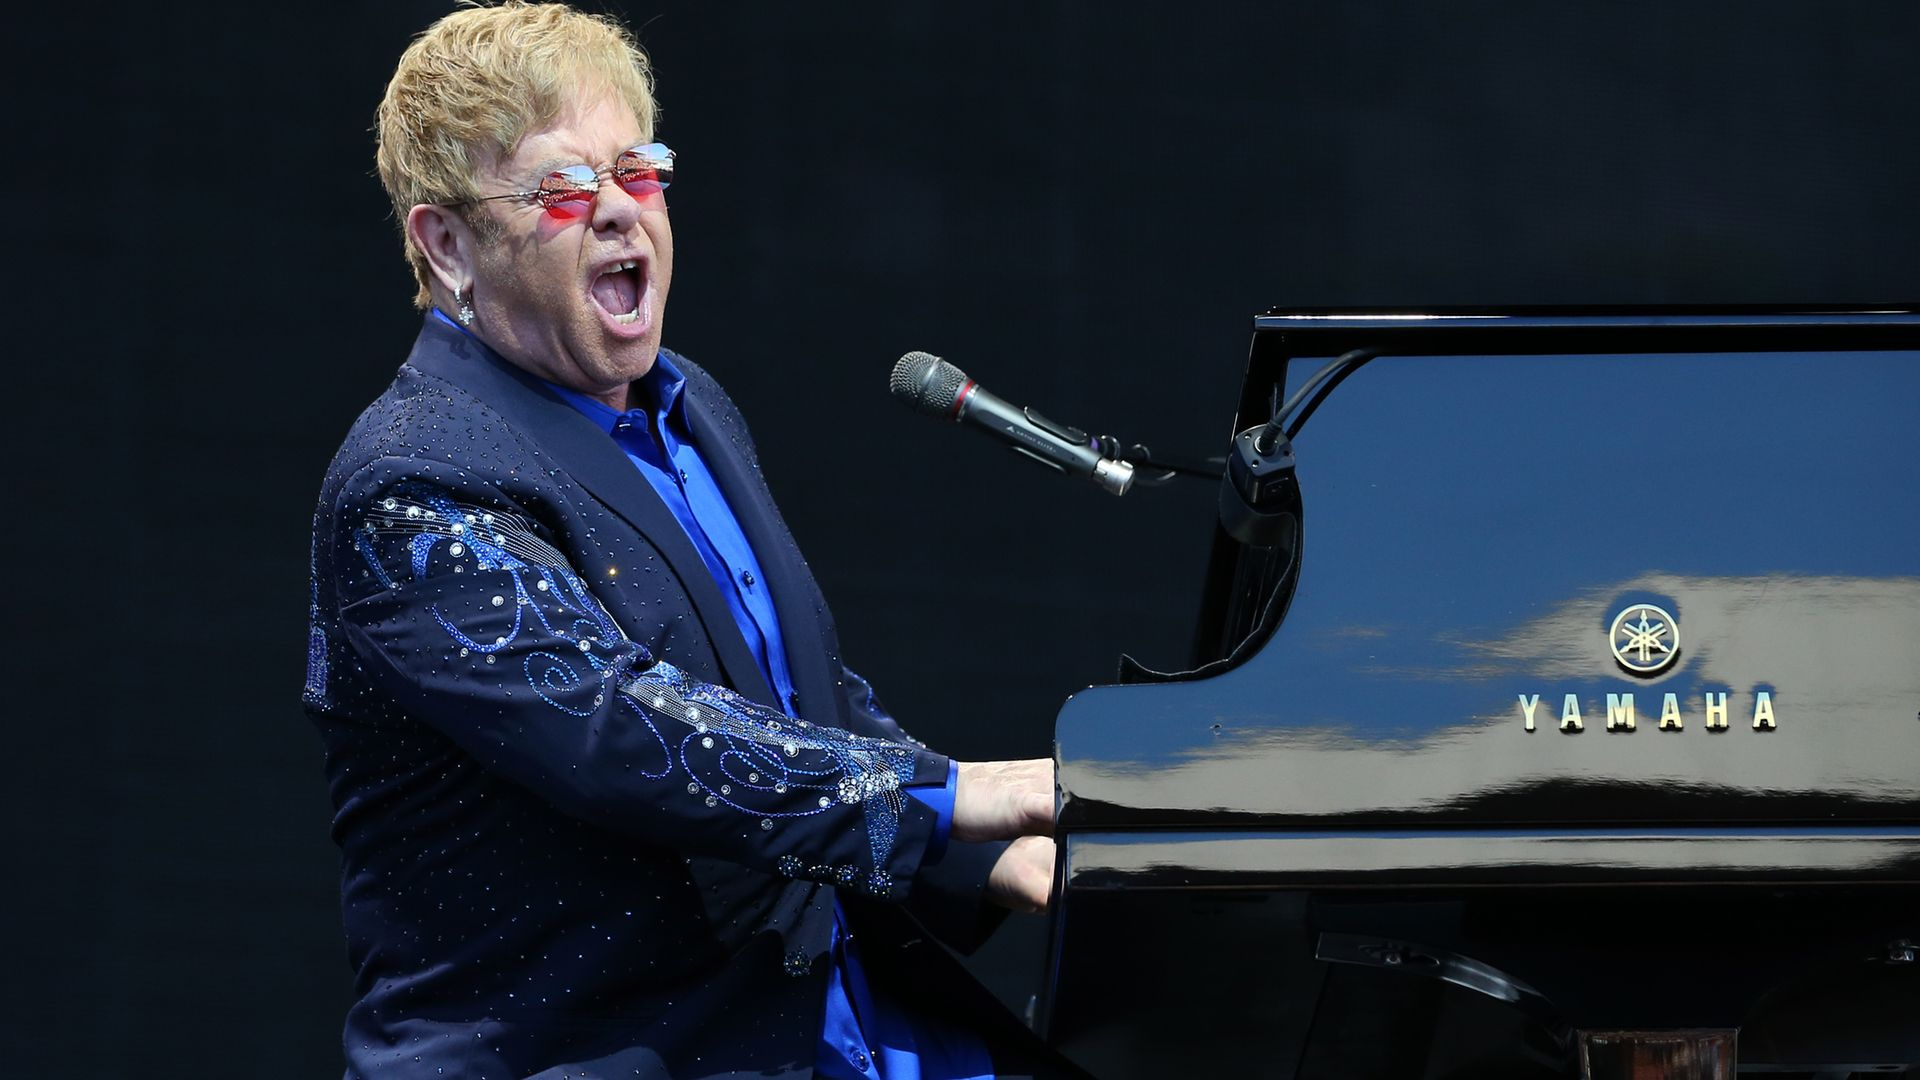 Elton John performing on stage - Credit: PA